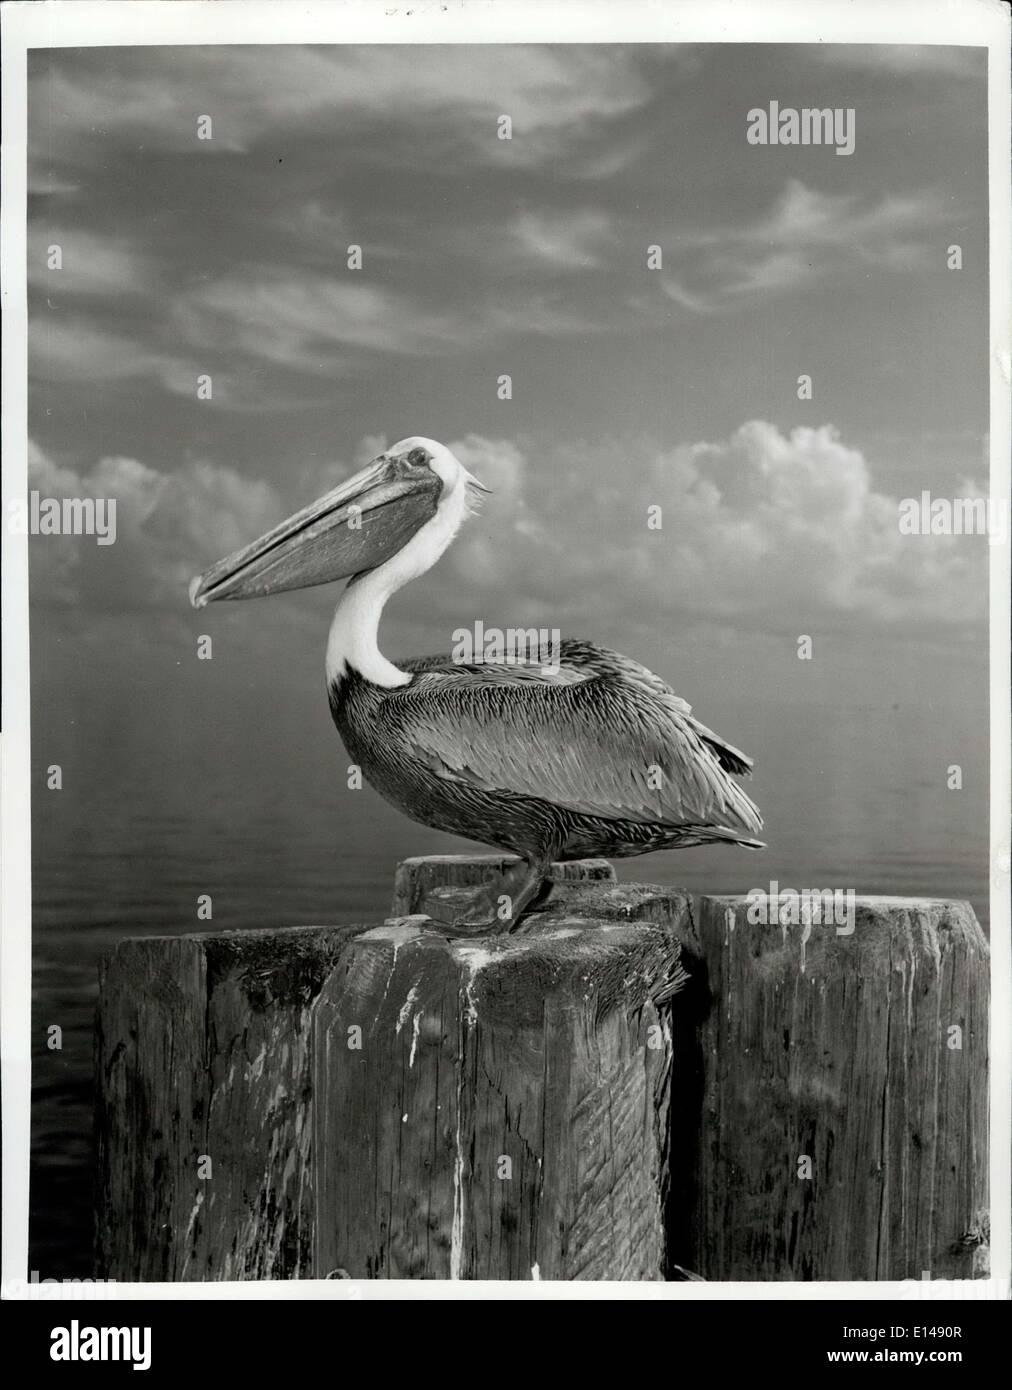 Apr. 17, 2012 - a quelli che dicono che gli uccelli sono più eleganti e belle della natura di serraglio, Florida's pelican forniscono un modo divertente di confutazione. A breve sul buon aspetto, ma a lungo sulla personalità, questi spudorata mendicanti dot i piloni della Florida aree costiere dove essi cajole quotidiana di piccoli pesci da condiscendente pescatori e visitatori.Se ogni creatura su questa terra infatti soddisfa uno scopo.La maggior parte pelican-watchers può facilmente constatare che questo fumetto waterfront scavenger è nato per far ridere la gente di nuovo come bambini. Immagini Stock